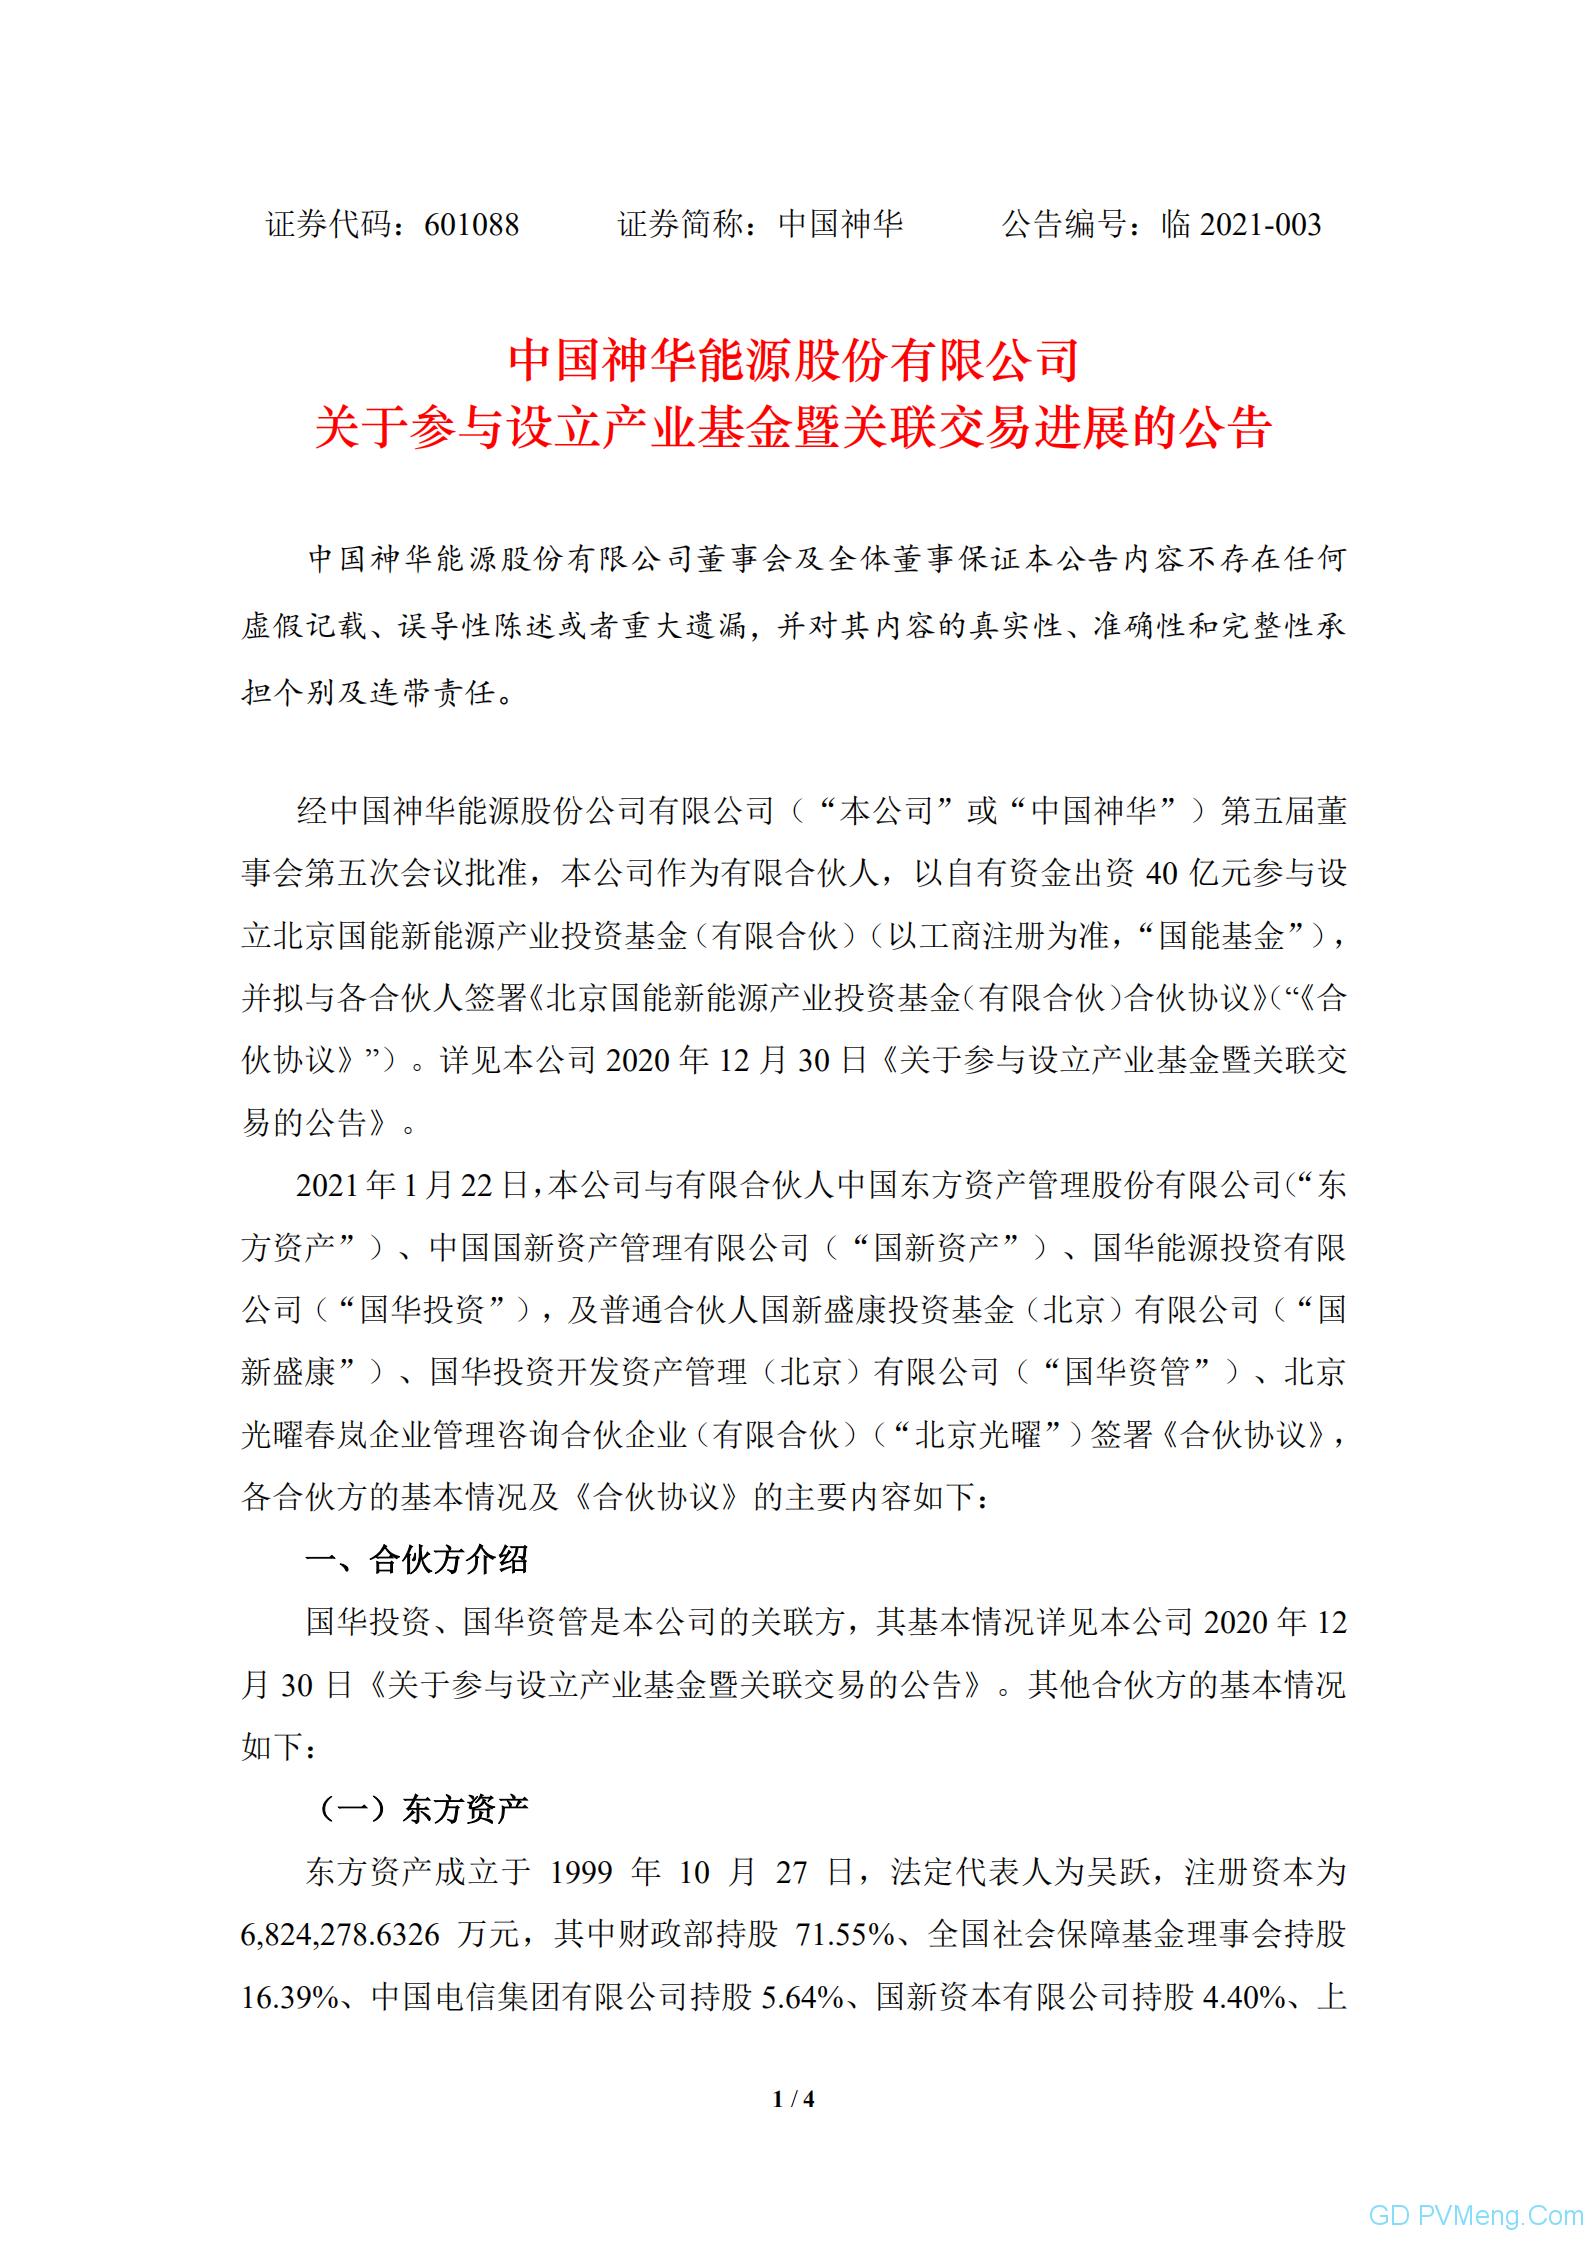 中国神华:关于参与设立产业基金暨关联交易进展的公告20210122